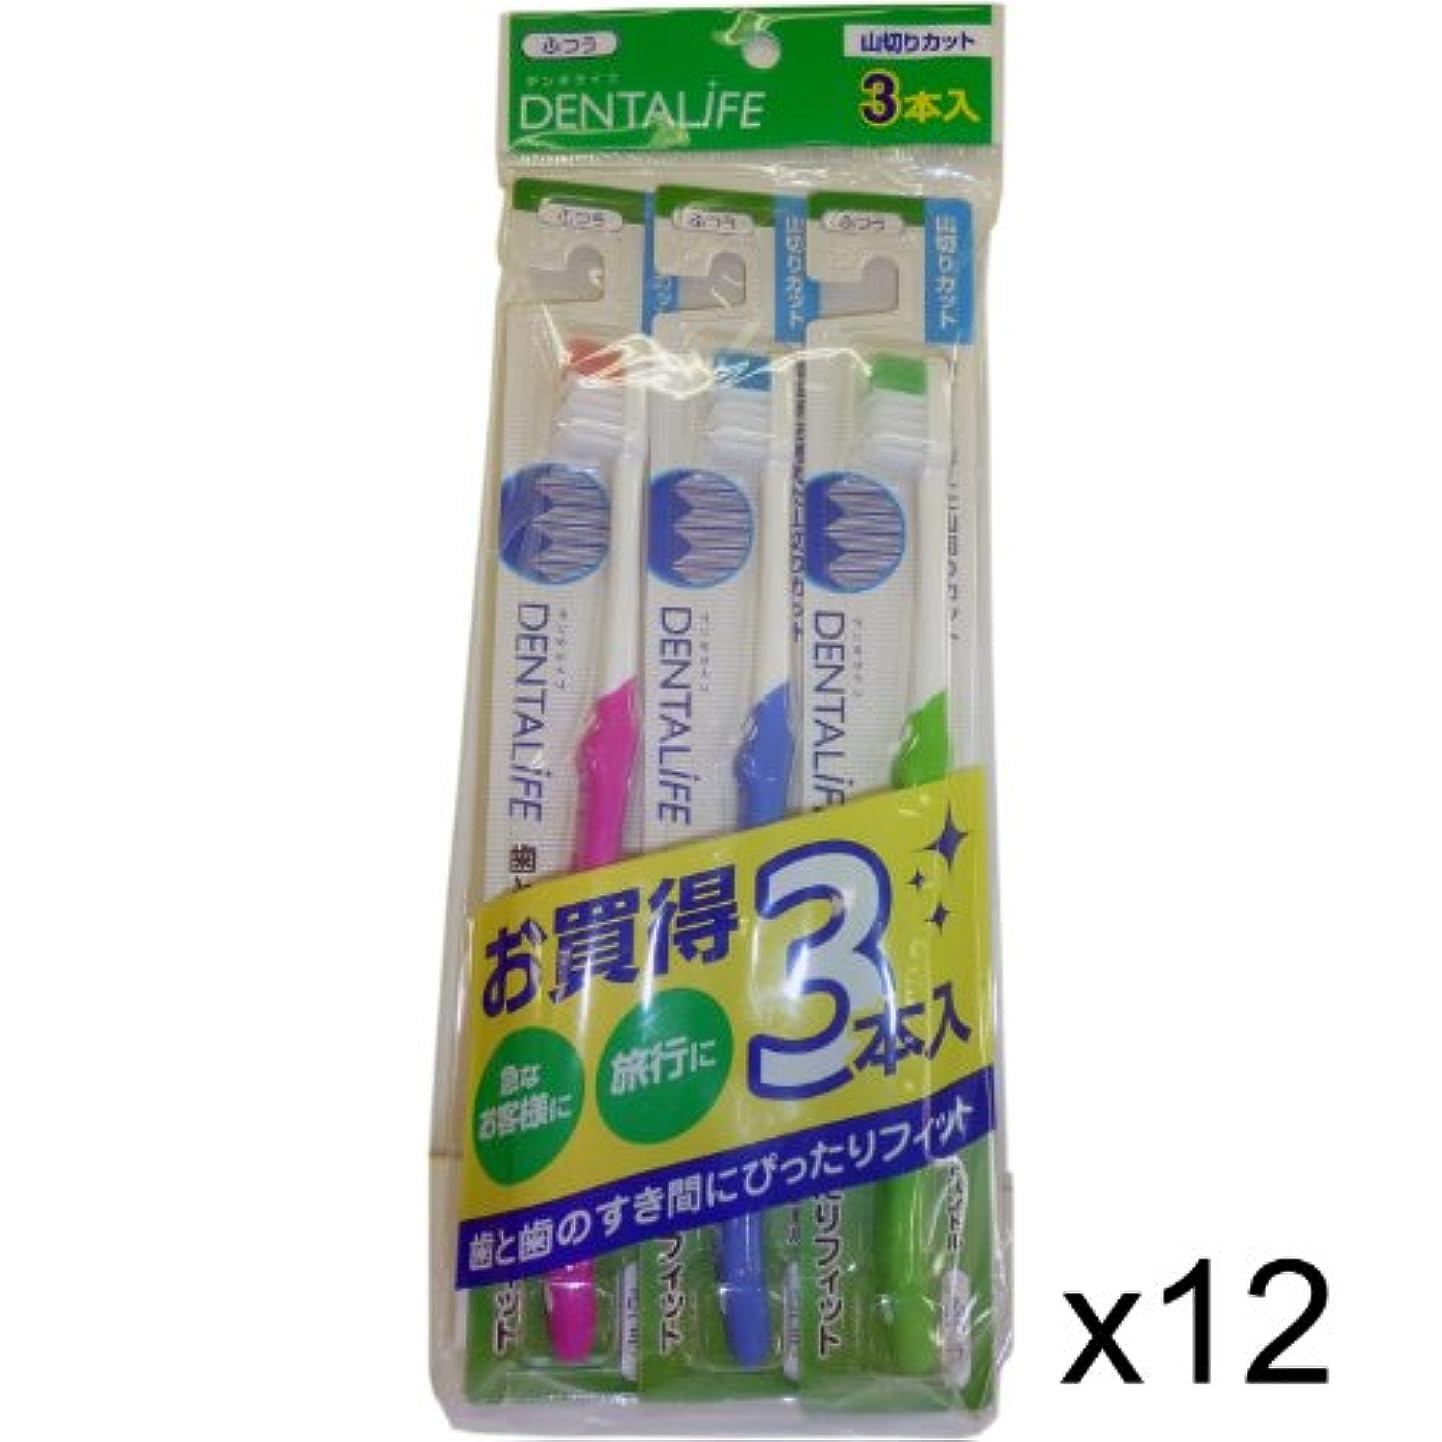 お徳用 DELTALIFE(デンタライフ)山切り歯ブラシ ふつう 3P×12ヶセット(36本)